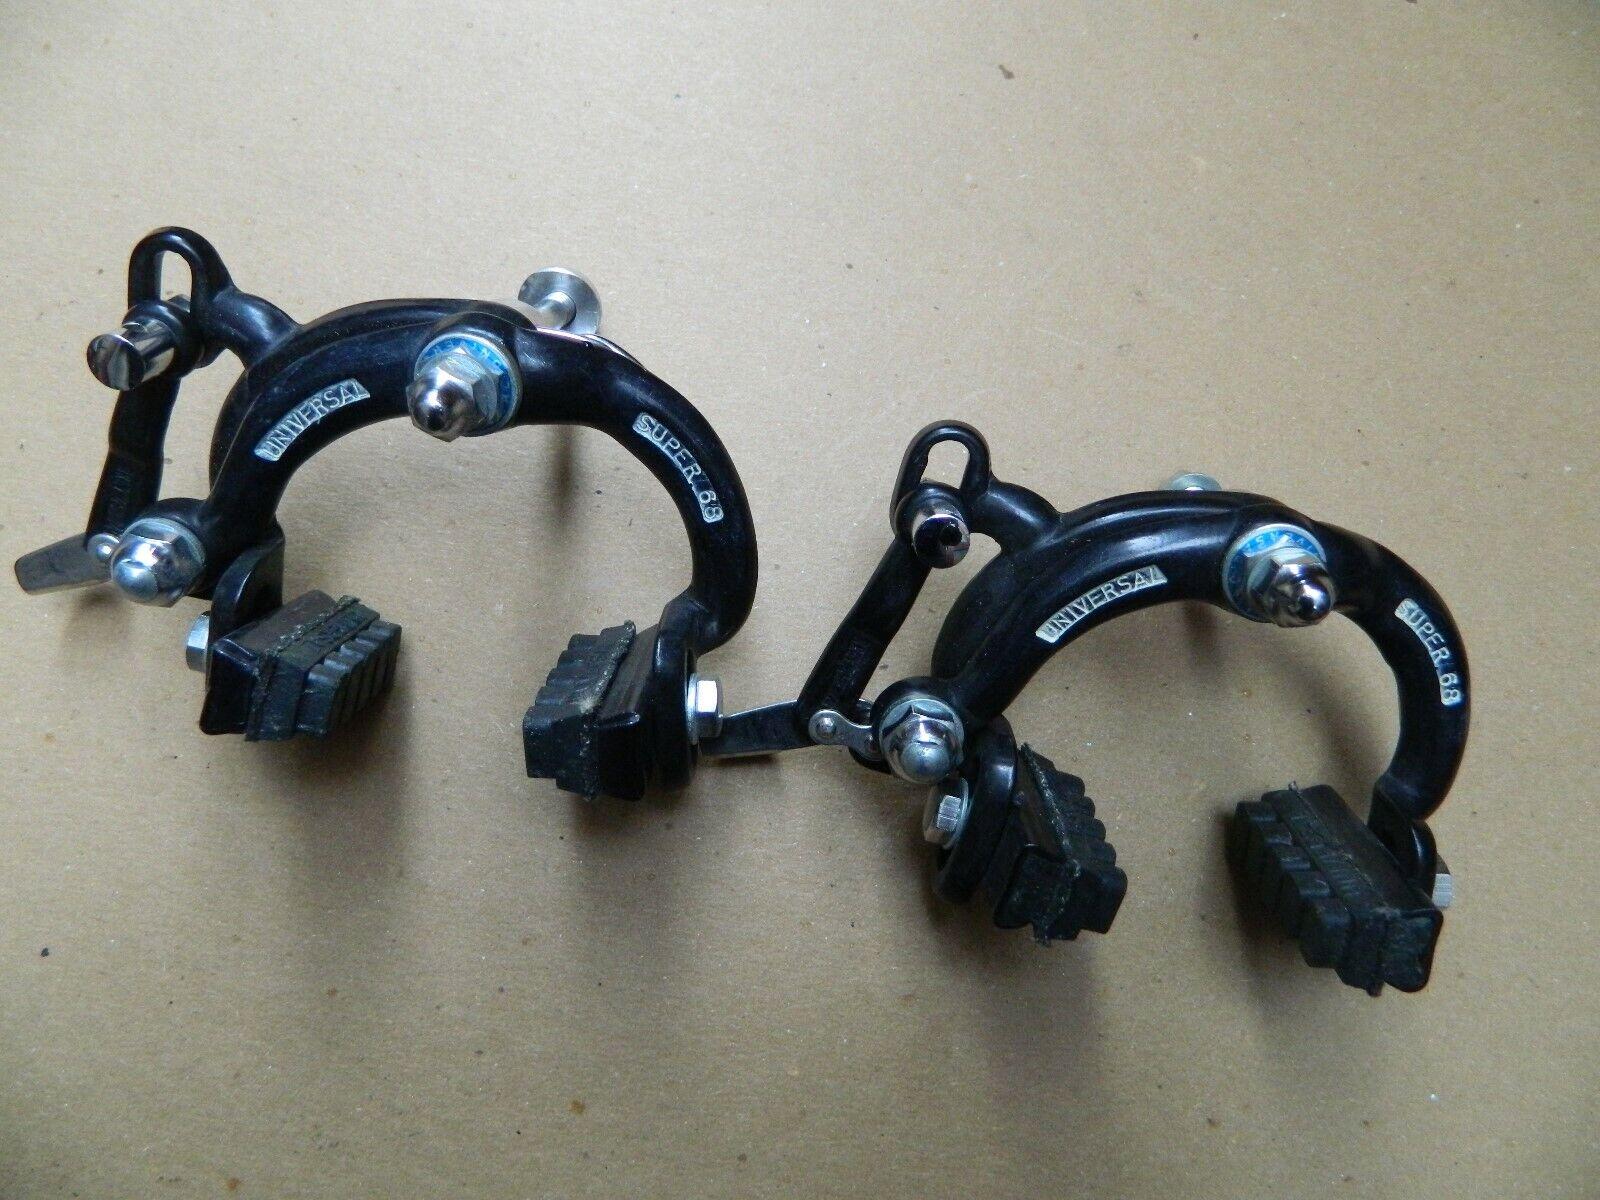 VINTAGE UNIVERSAL BRAKE CALIPERS (schwarz)...LOOK